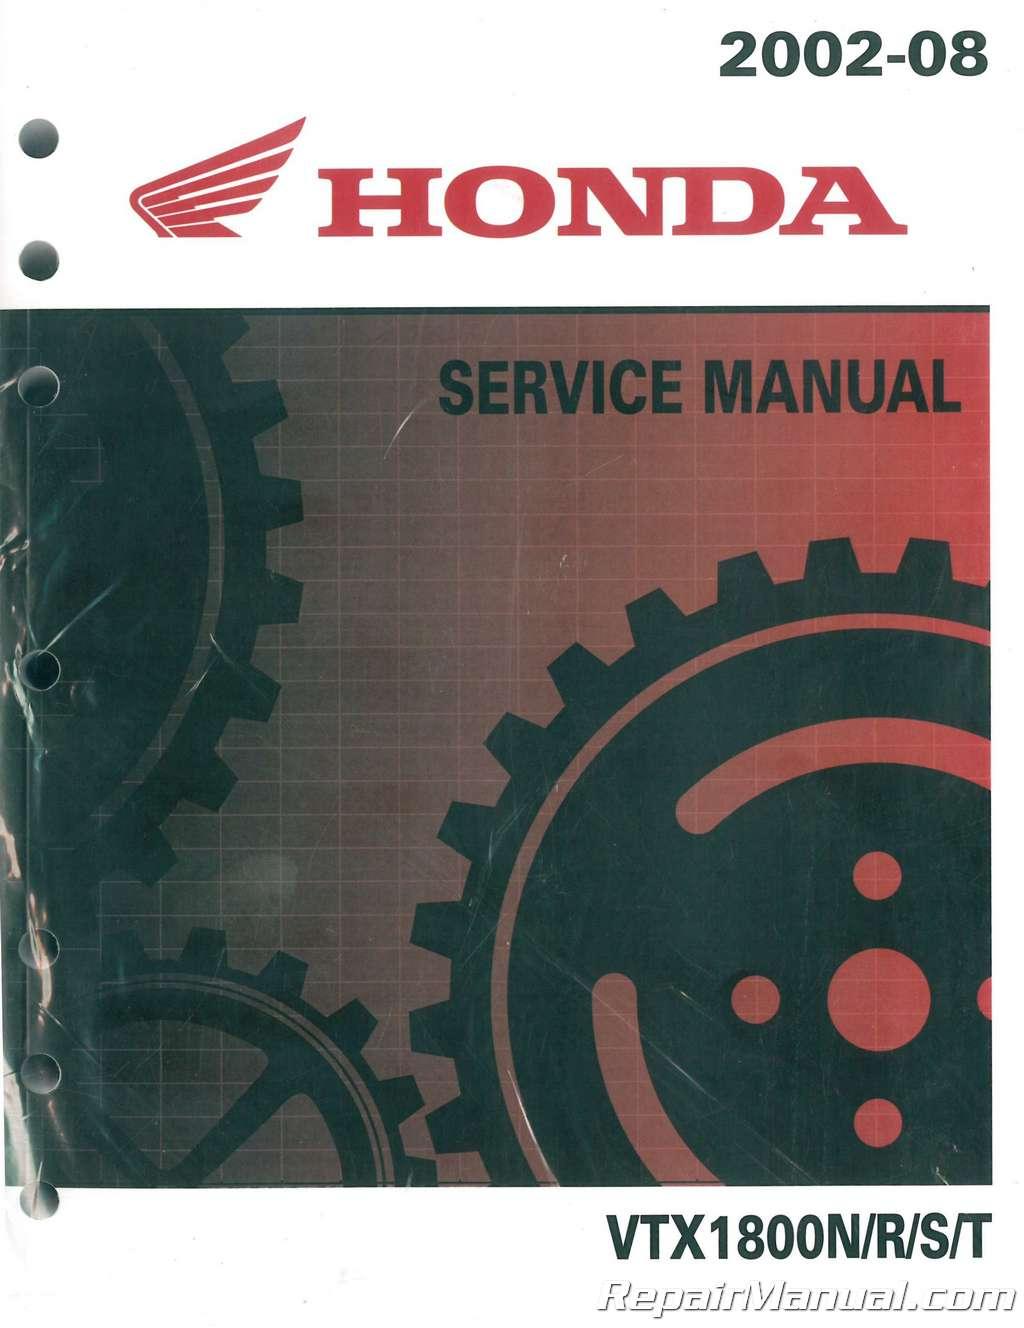 2002-2008-Honda-VTX1800N-R-S-T-Motorcycle-Service-Manual_001.